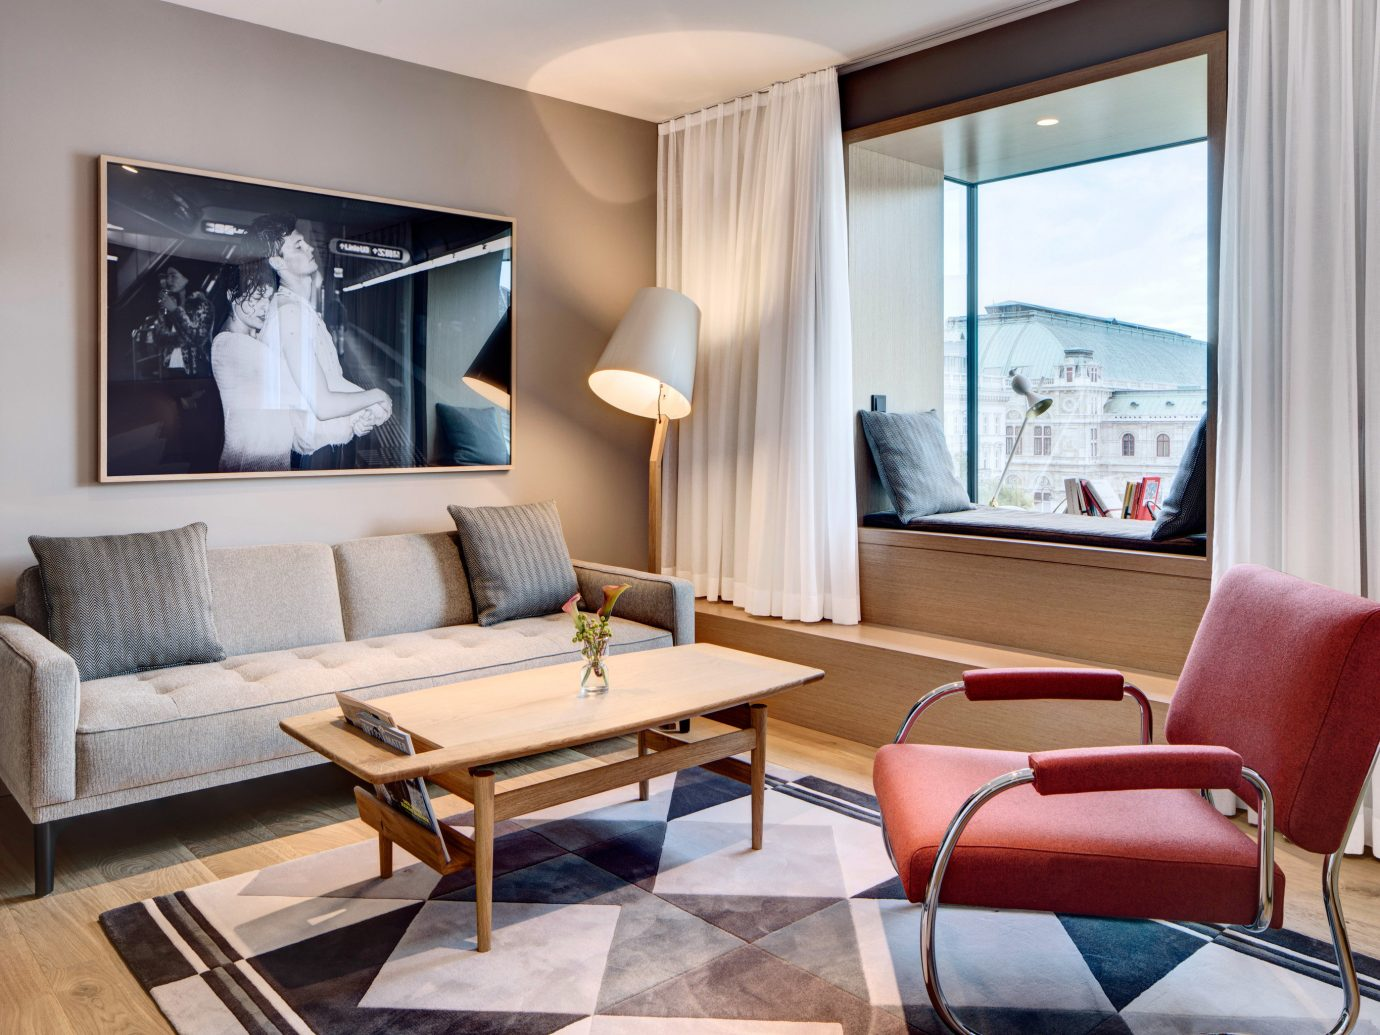 Austria europe Hotels Vienna floor indoor room Living window living room chair interior design Suite furniture real estate interior designer table penthouse apartment apartment ceiling area